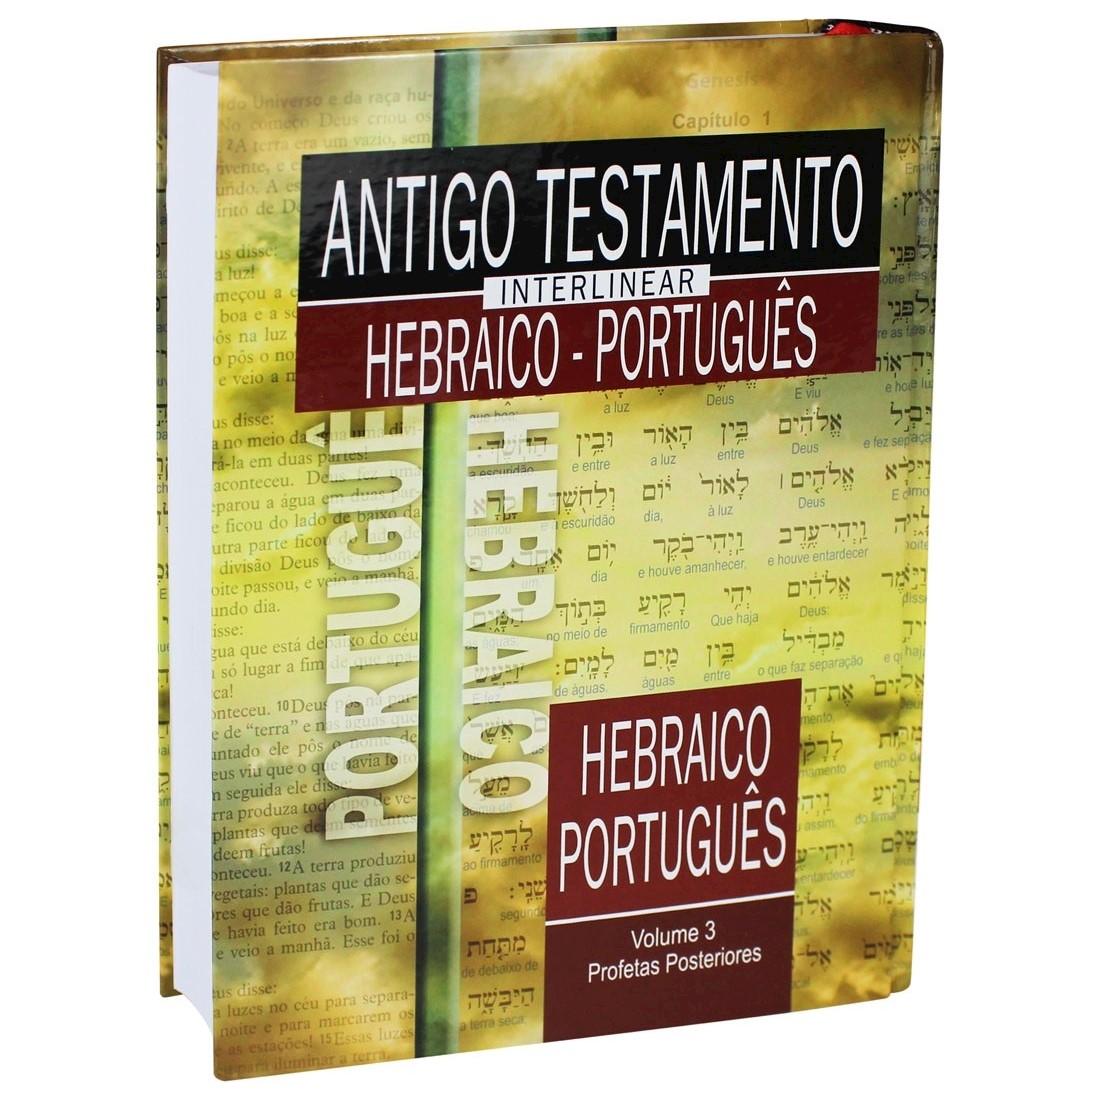 Livro Antigo Testamento Interlinear Hebraico-Português Volume 3